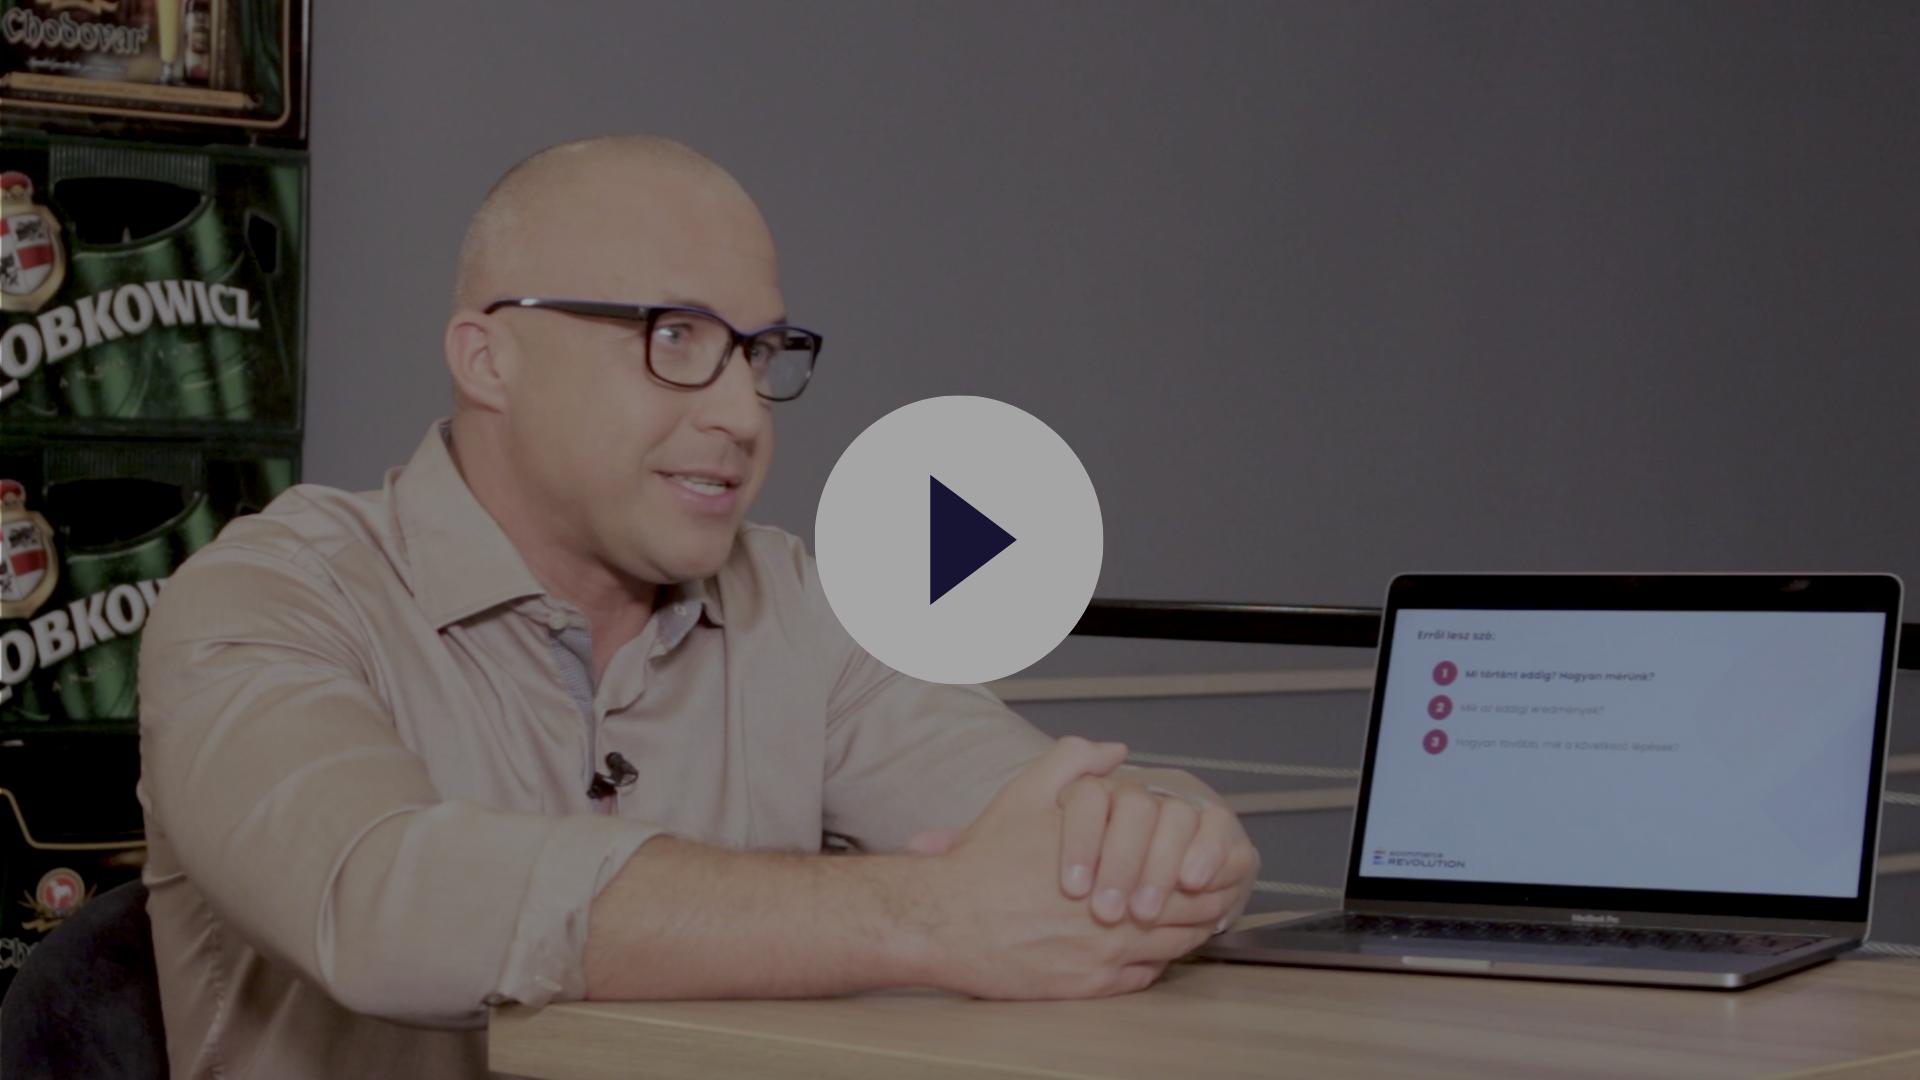 Krisztián prezentációja a Beerselection számára az optimalizációs időszak felénél